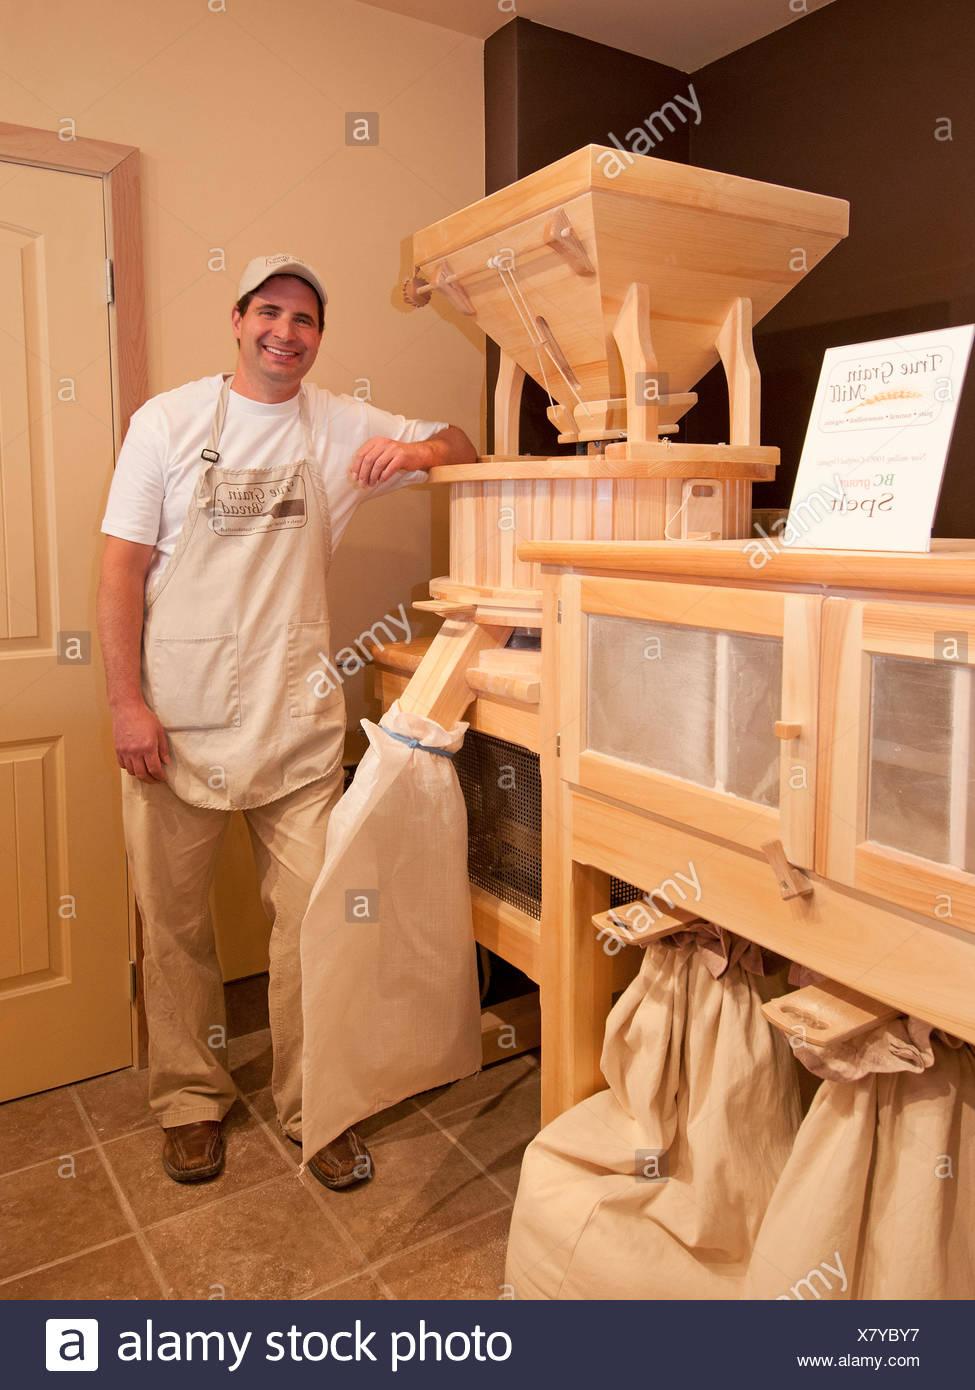 Il proprietario del vero pane di grano in Summerland, British Columbia sta con il suo mulino di farina, regione Okanagan, Canada Immagini Stock